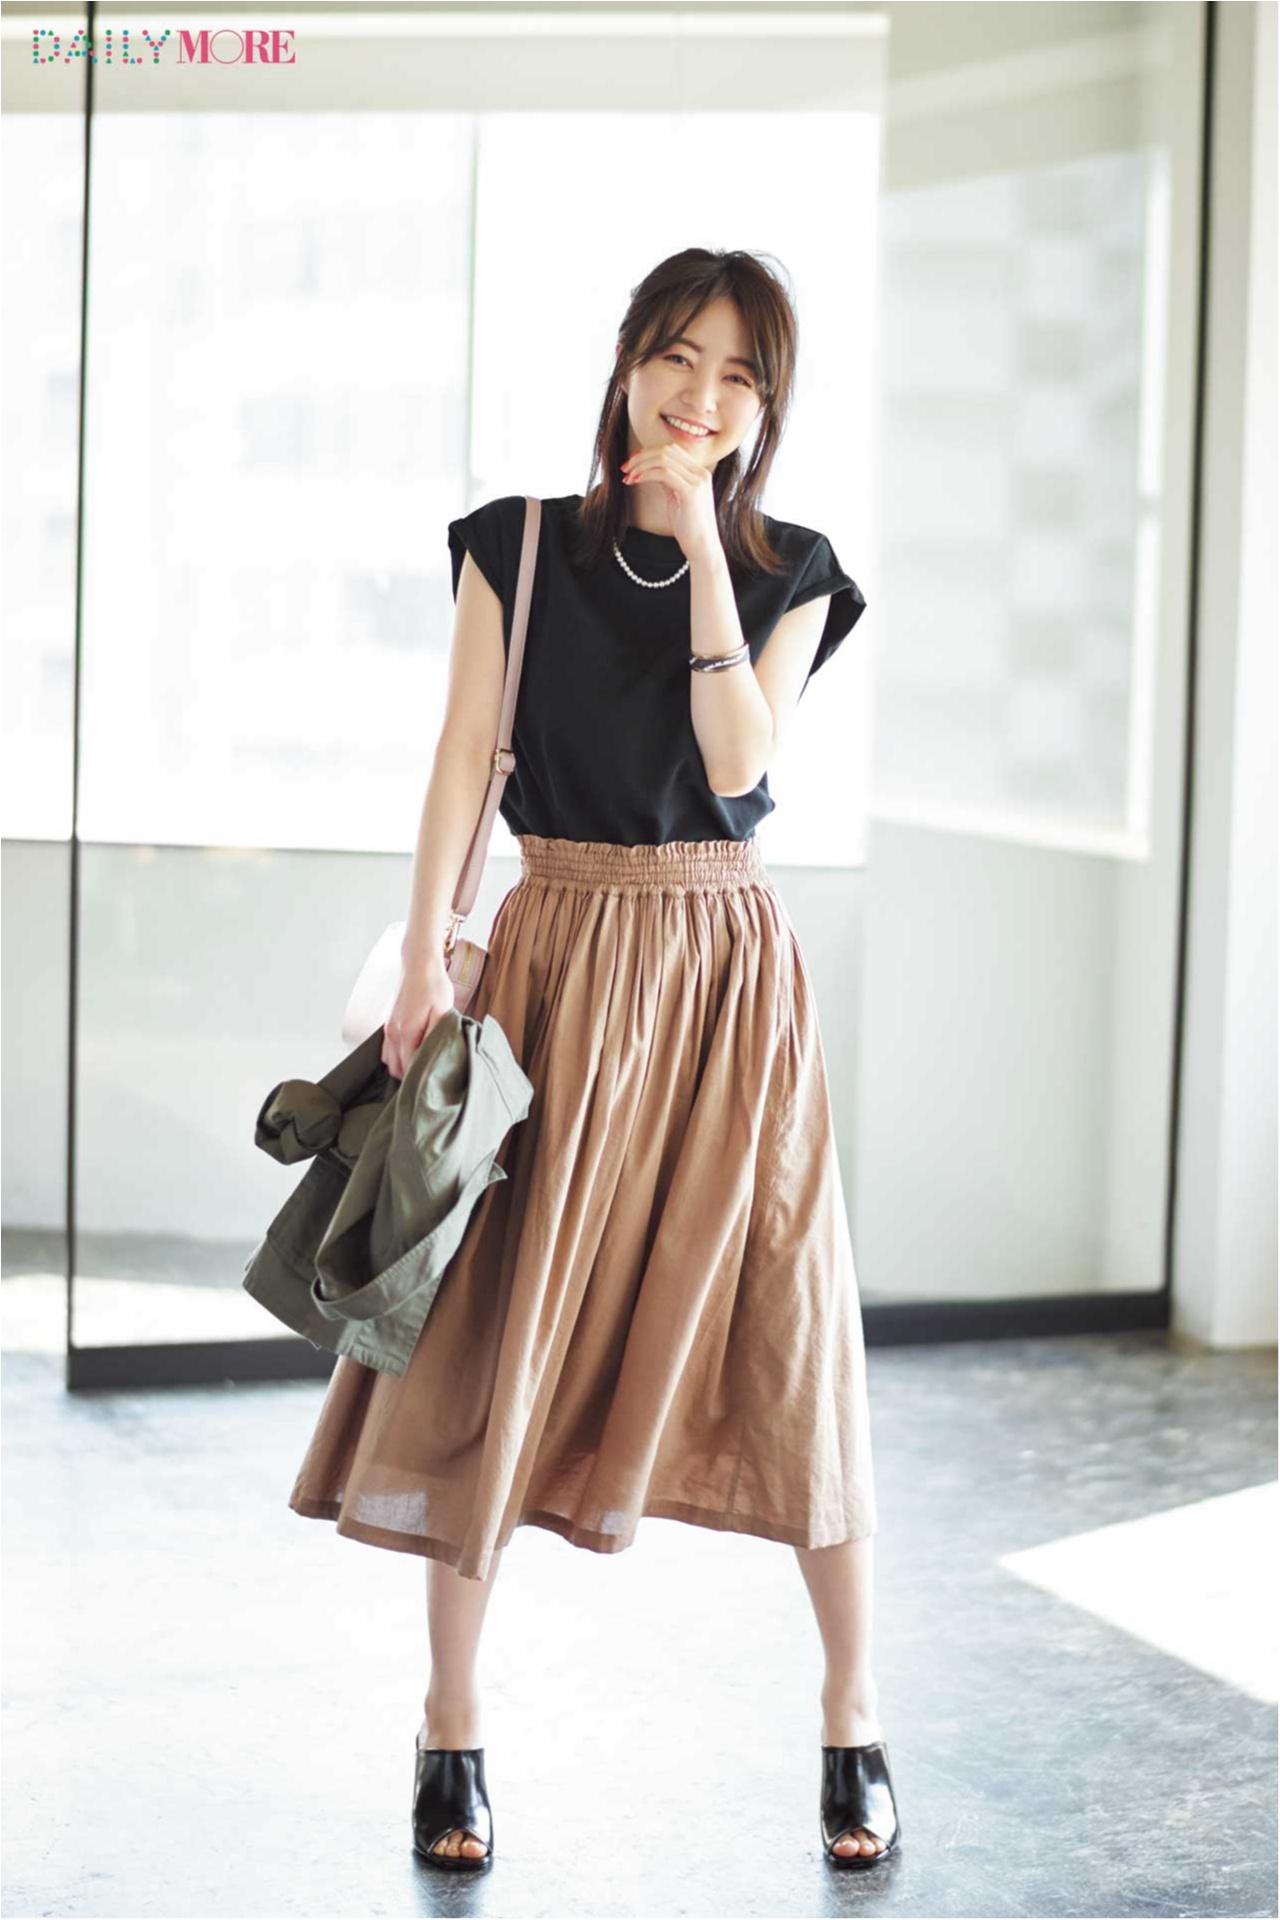 【MORE公式通販GET MORE!ですぐ買える!】体がきれいに見えるブラウスとスカート、その理由は?_2_1